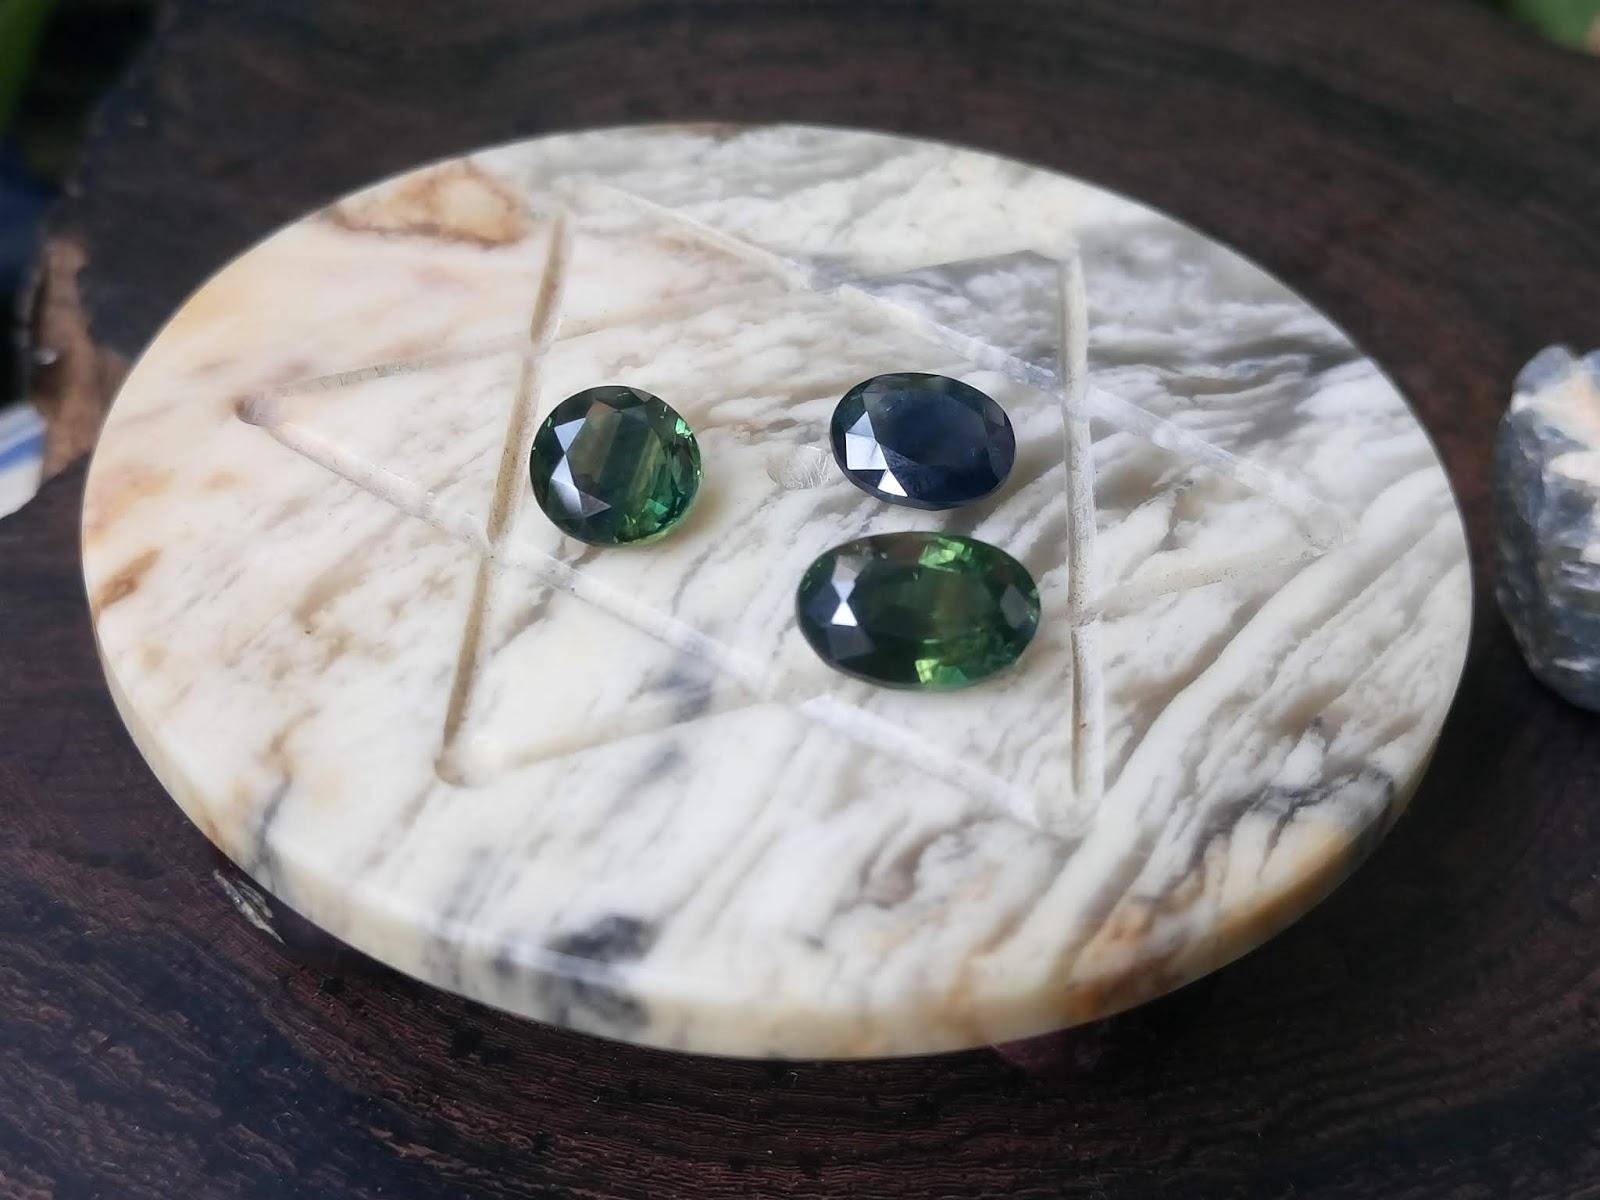 Đá Sapphire thiên nhiên hình tròn và oval, xanh lục và xanh Hero